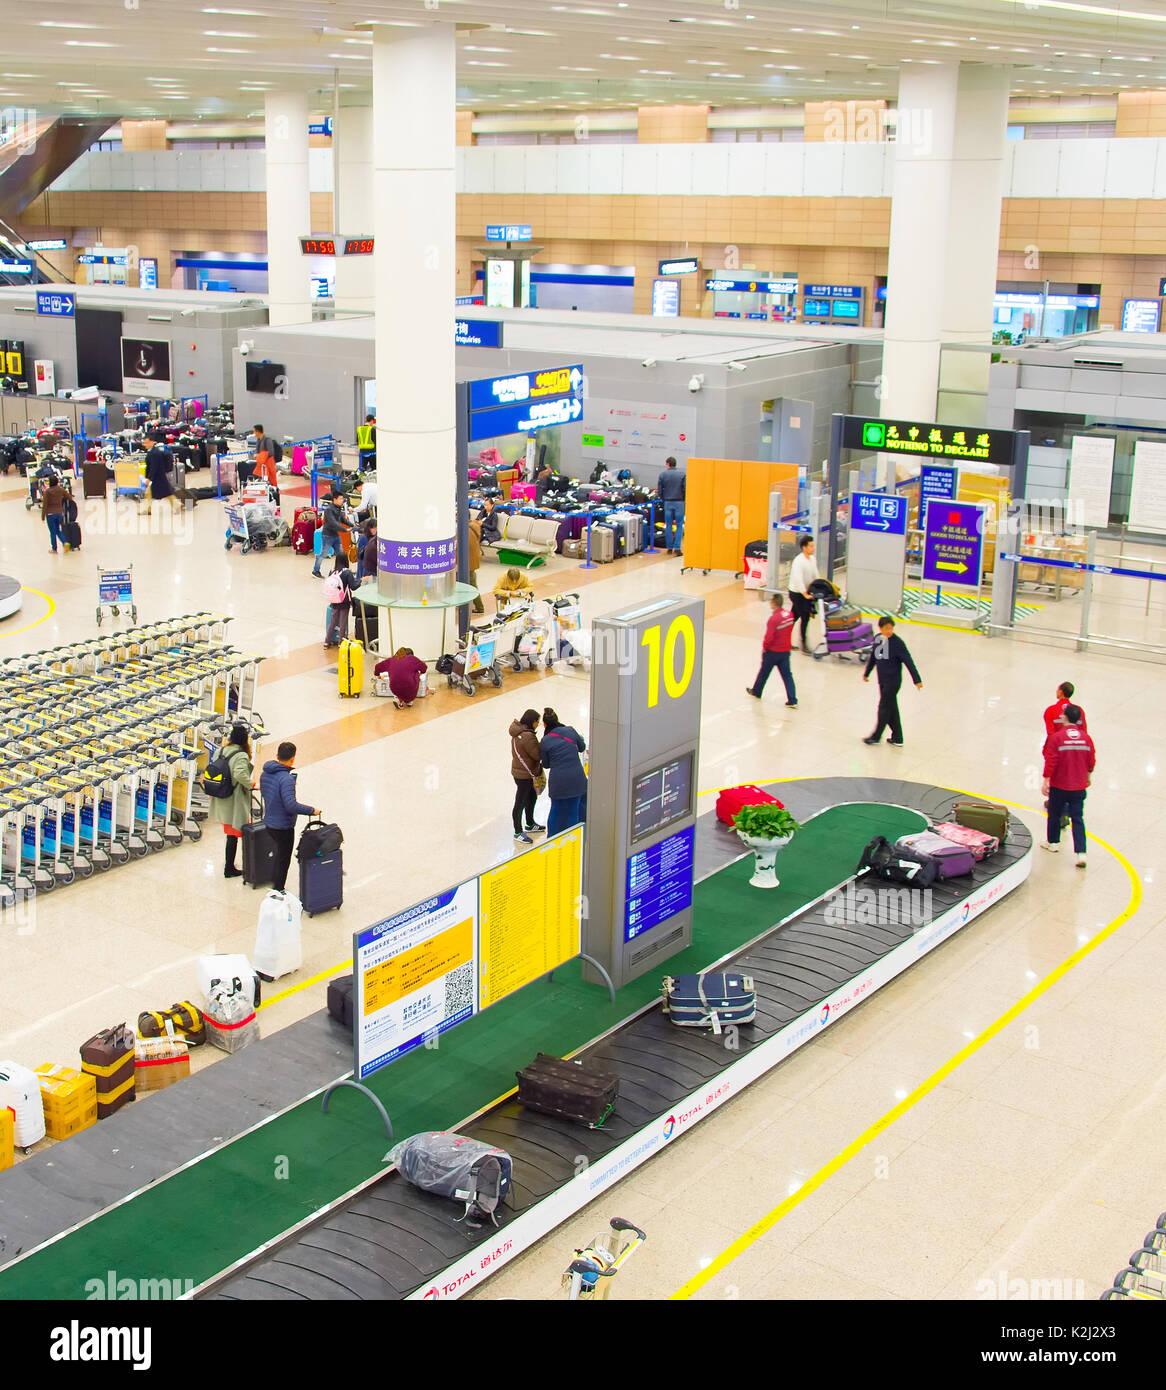 SHANGHAI, Cina - 26 DIC 2106: persone all'Aeroporto di Shanghai Pudong arrivo contatore di immigrazione. Dall'Aeroporto di Pudong è un importante hub di aviazione della Cina Immagini Stock